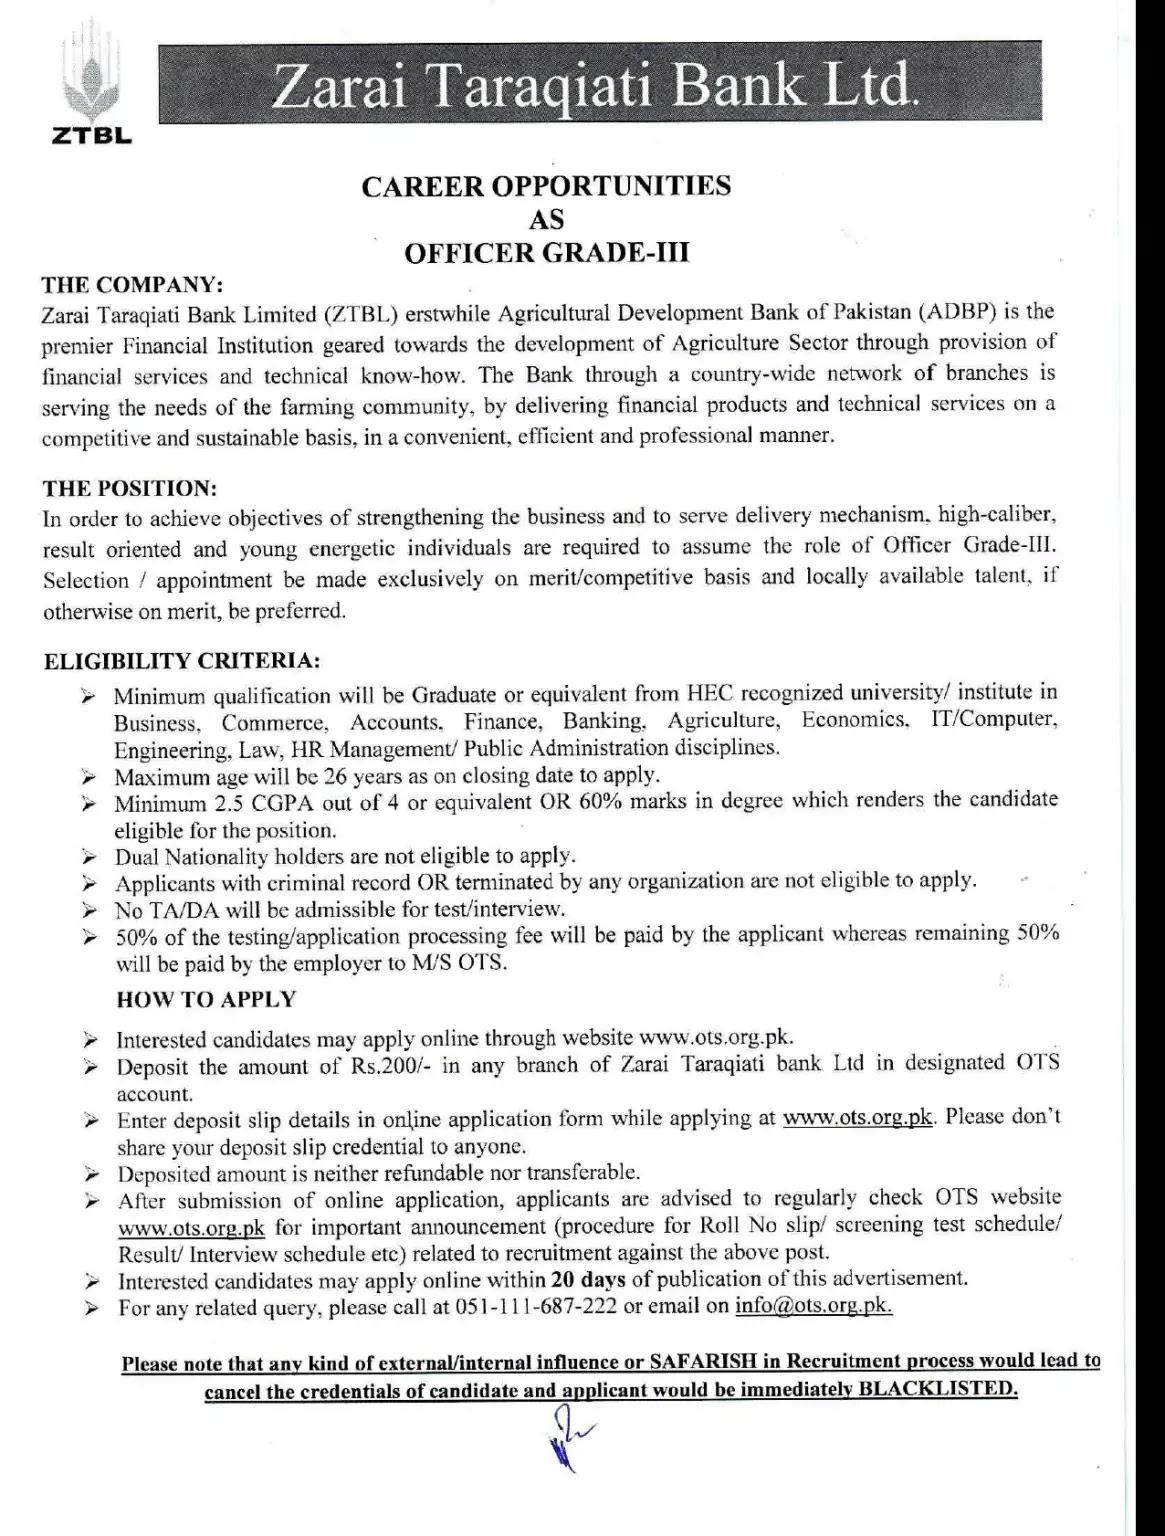 300 Jobs In Zarai Taraqiati Bank ( ZTBL) Latest 2020